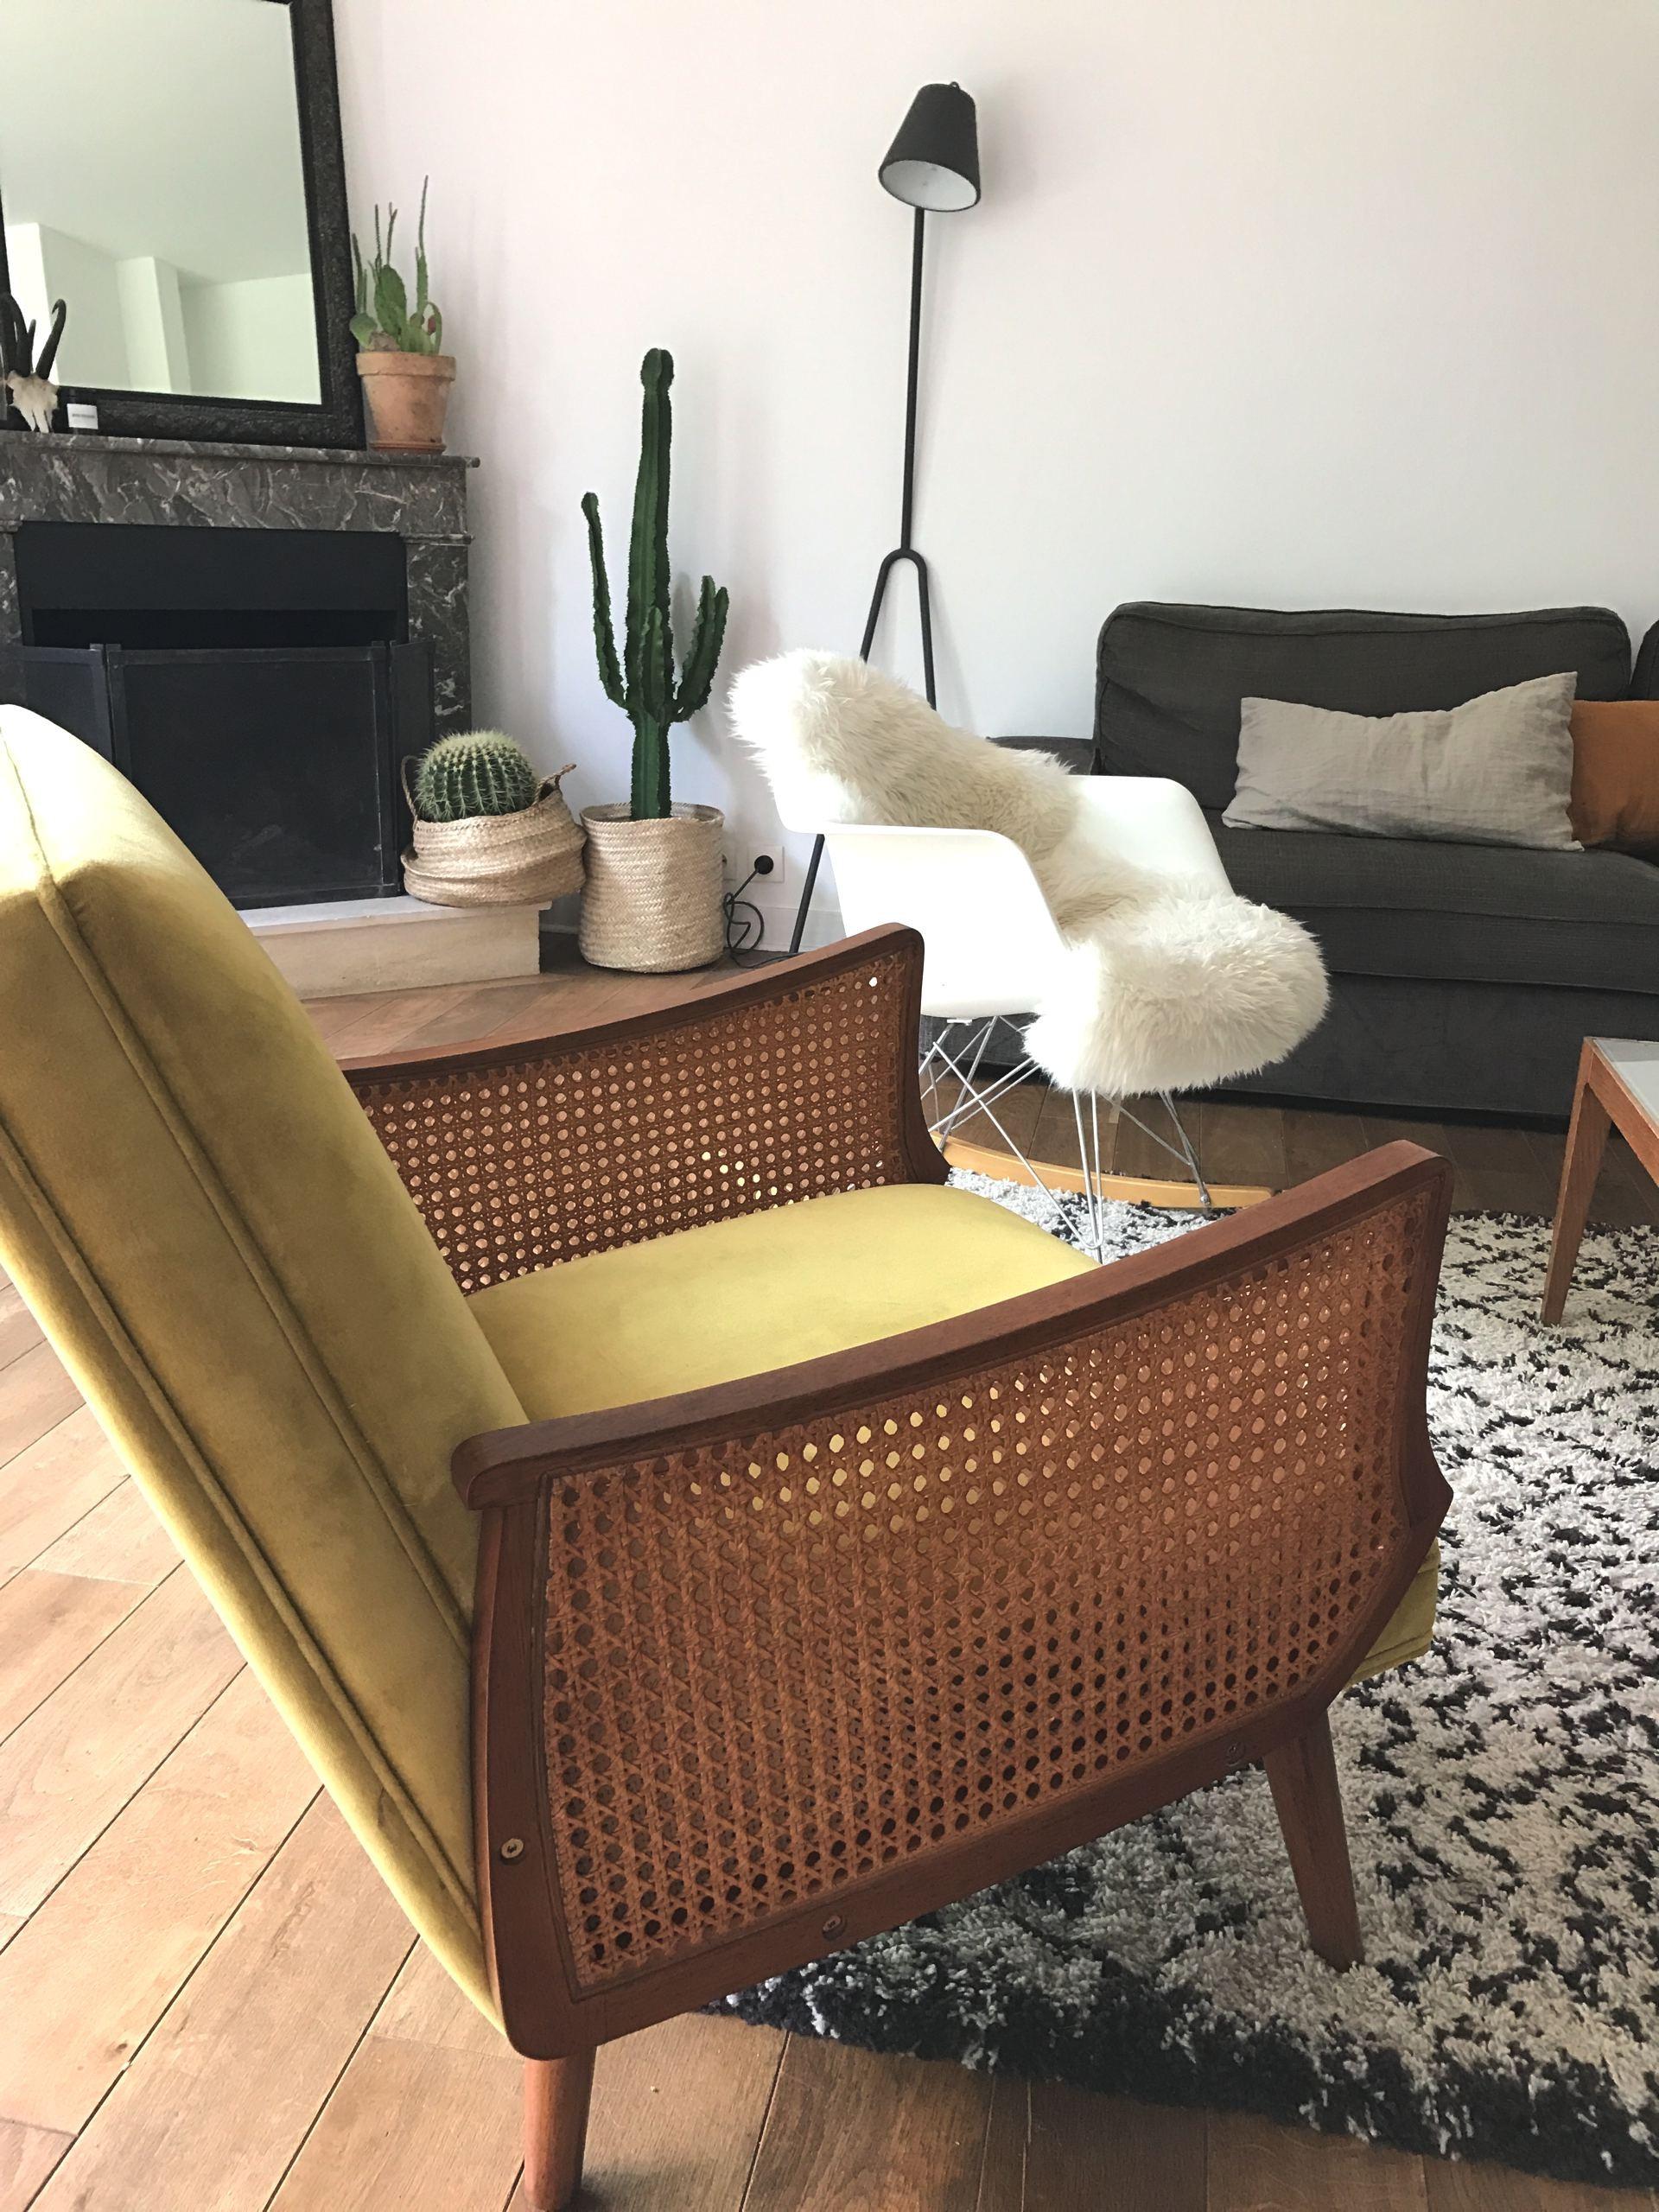 fauteuil-meuble-robin-des-bois-cannage-deco-blog-5